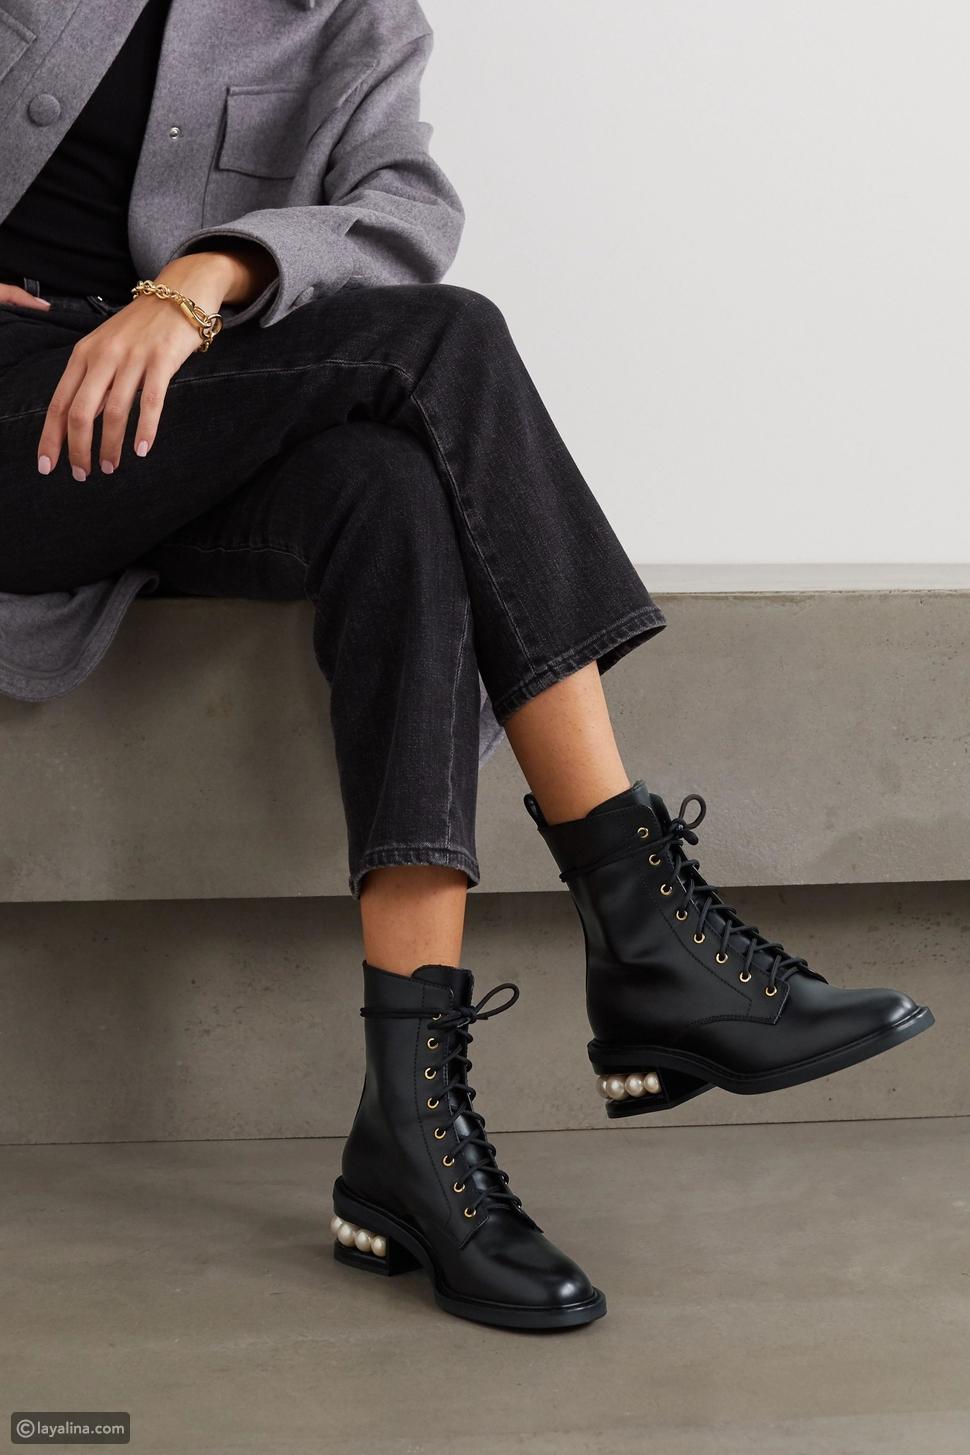 أحذية عسكريةبكعب عالي